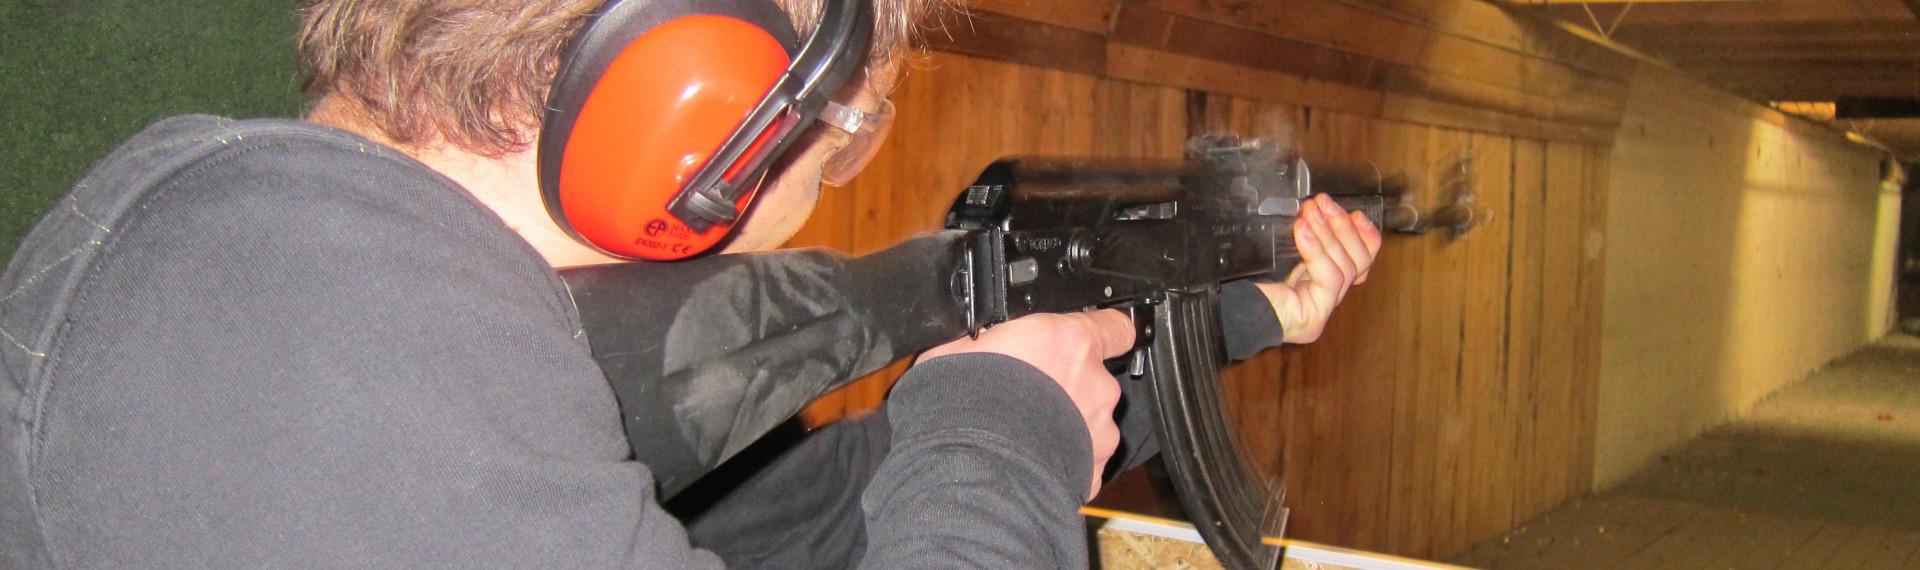 AK-47 Only Shooting Prague